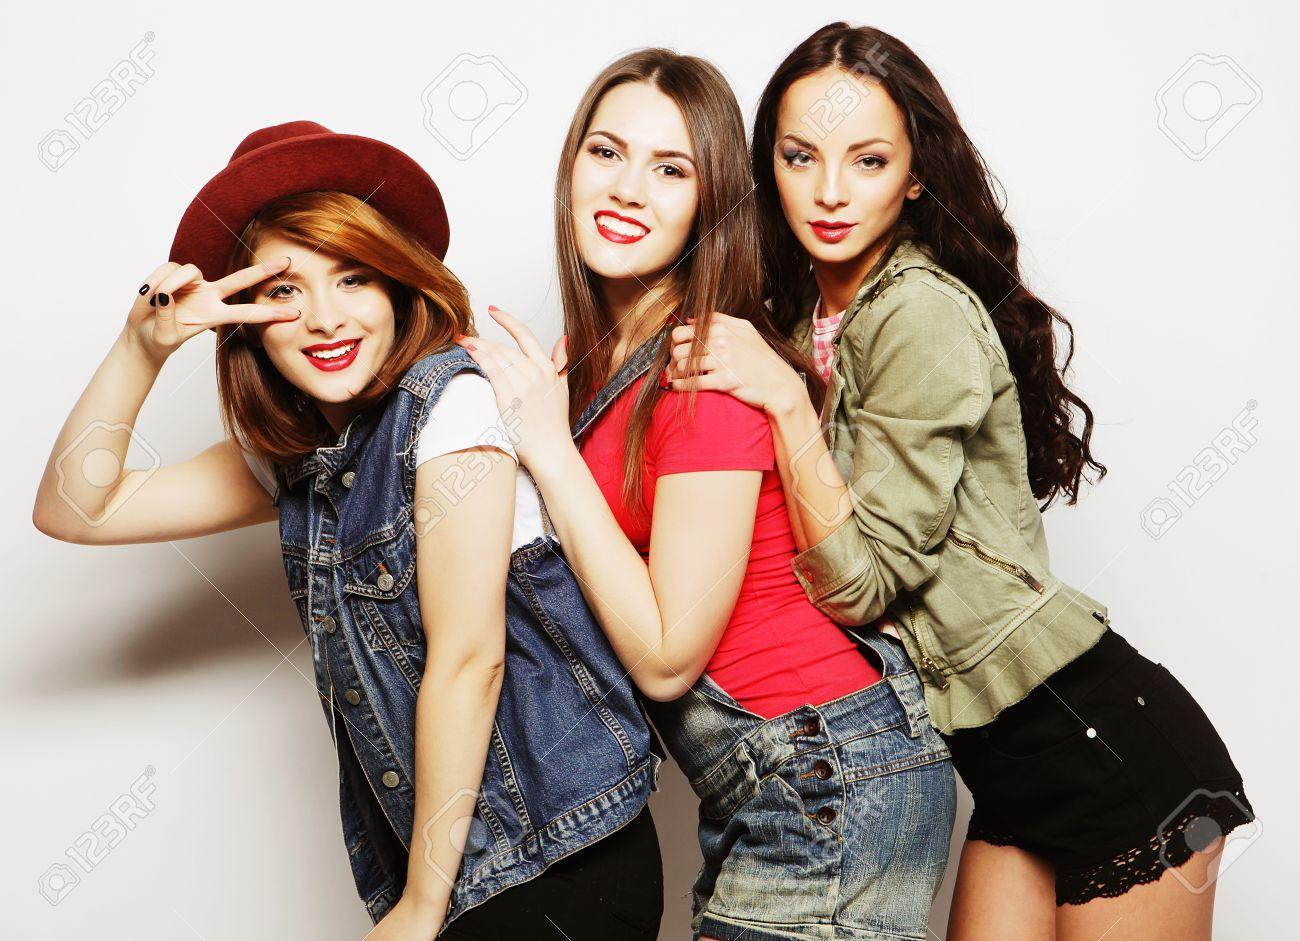 Three Stylish Sexy Hipster Girls Best Friendsstanding Together